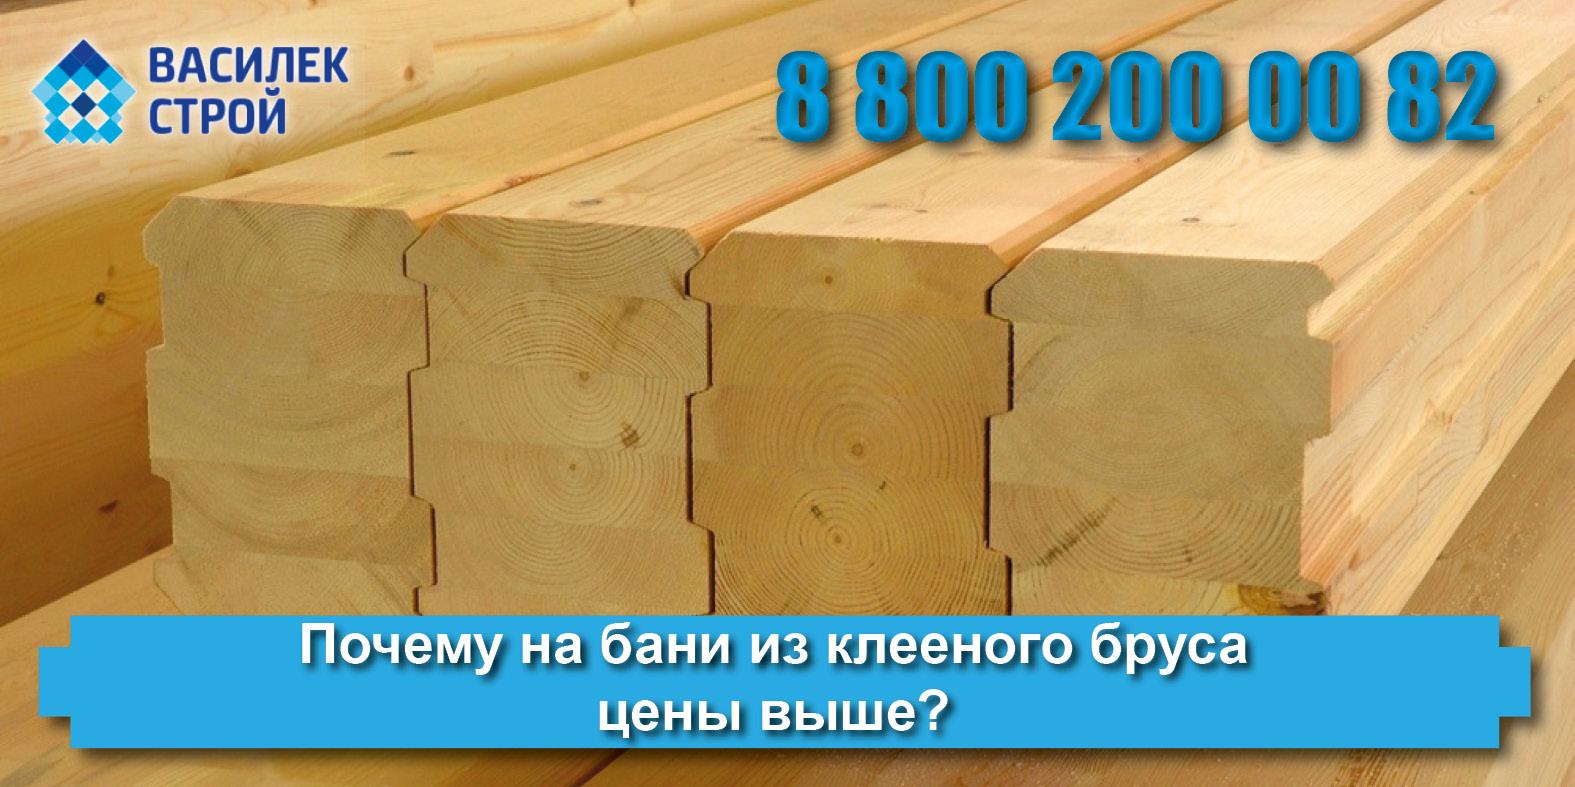 Сами строим бани из клееного бруса на века: почему на баню из клееного бруса цена получается выше